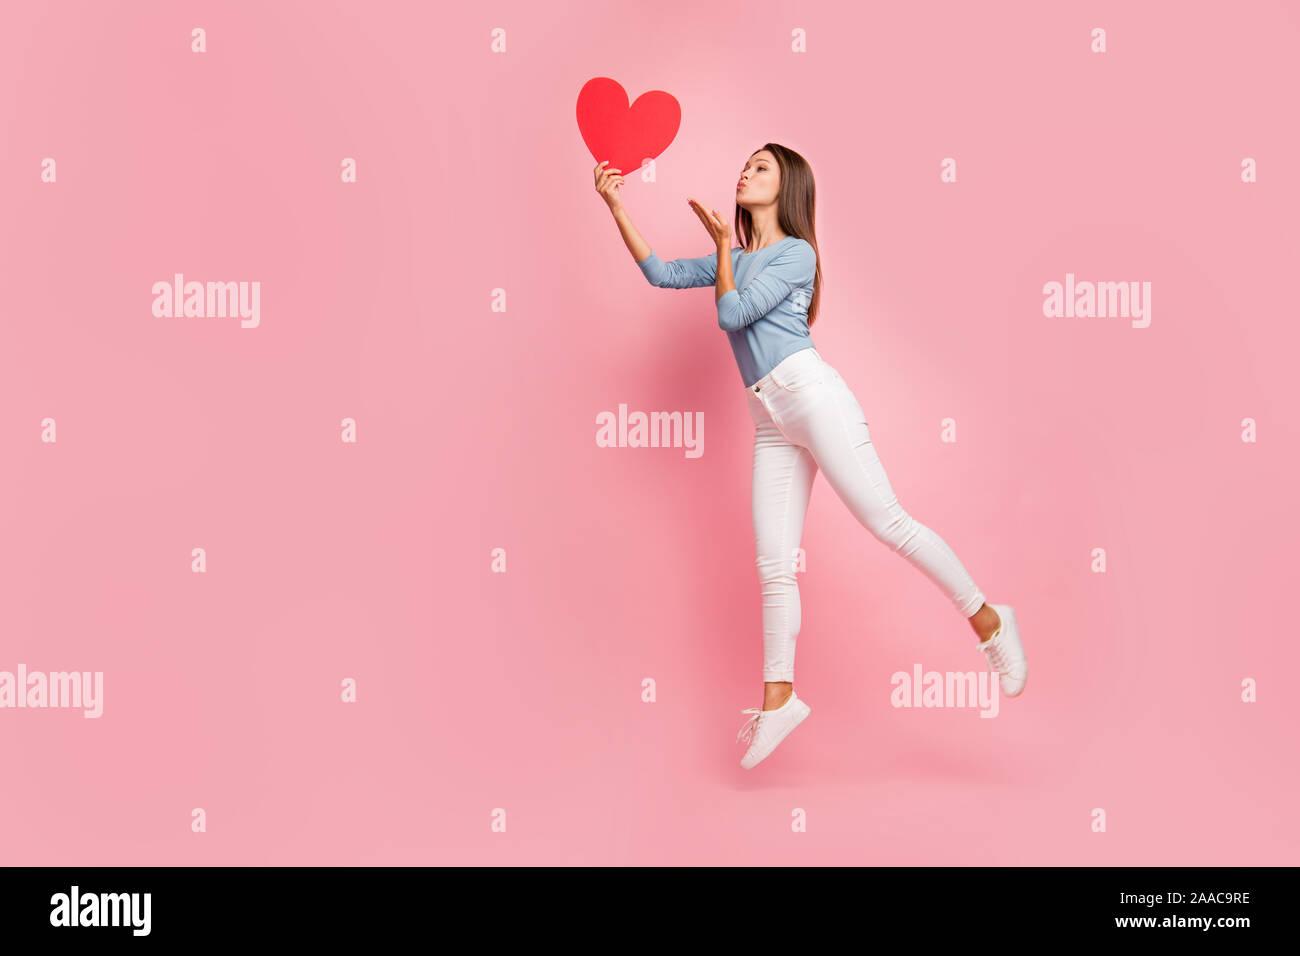 Toute la longueur du côté de la taille du corps aux cheveux bruns photo de profil positif gai joli gentil mignon fille tendre baiser à l'air d'envoi coeur tenue pastel isolés Banque D'Images